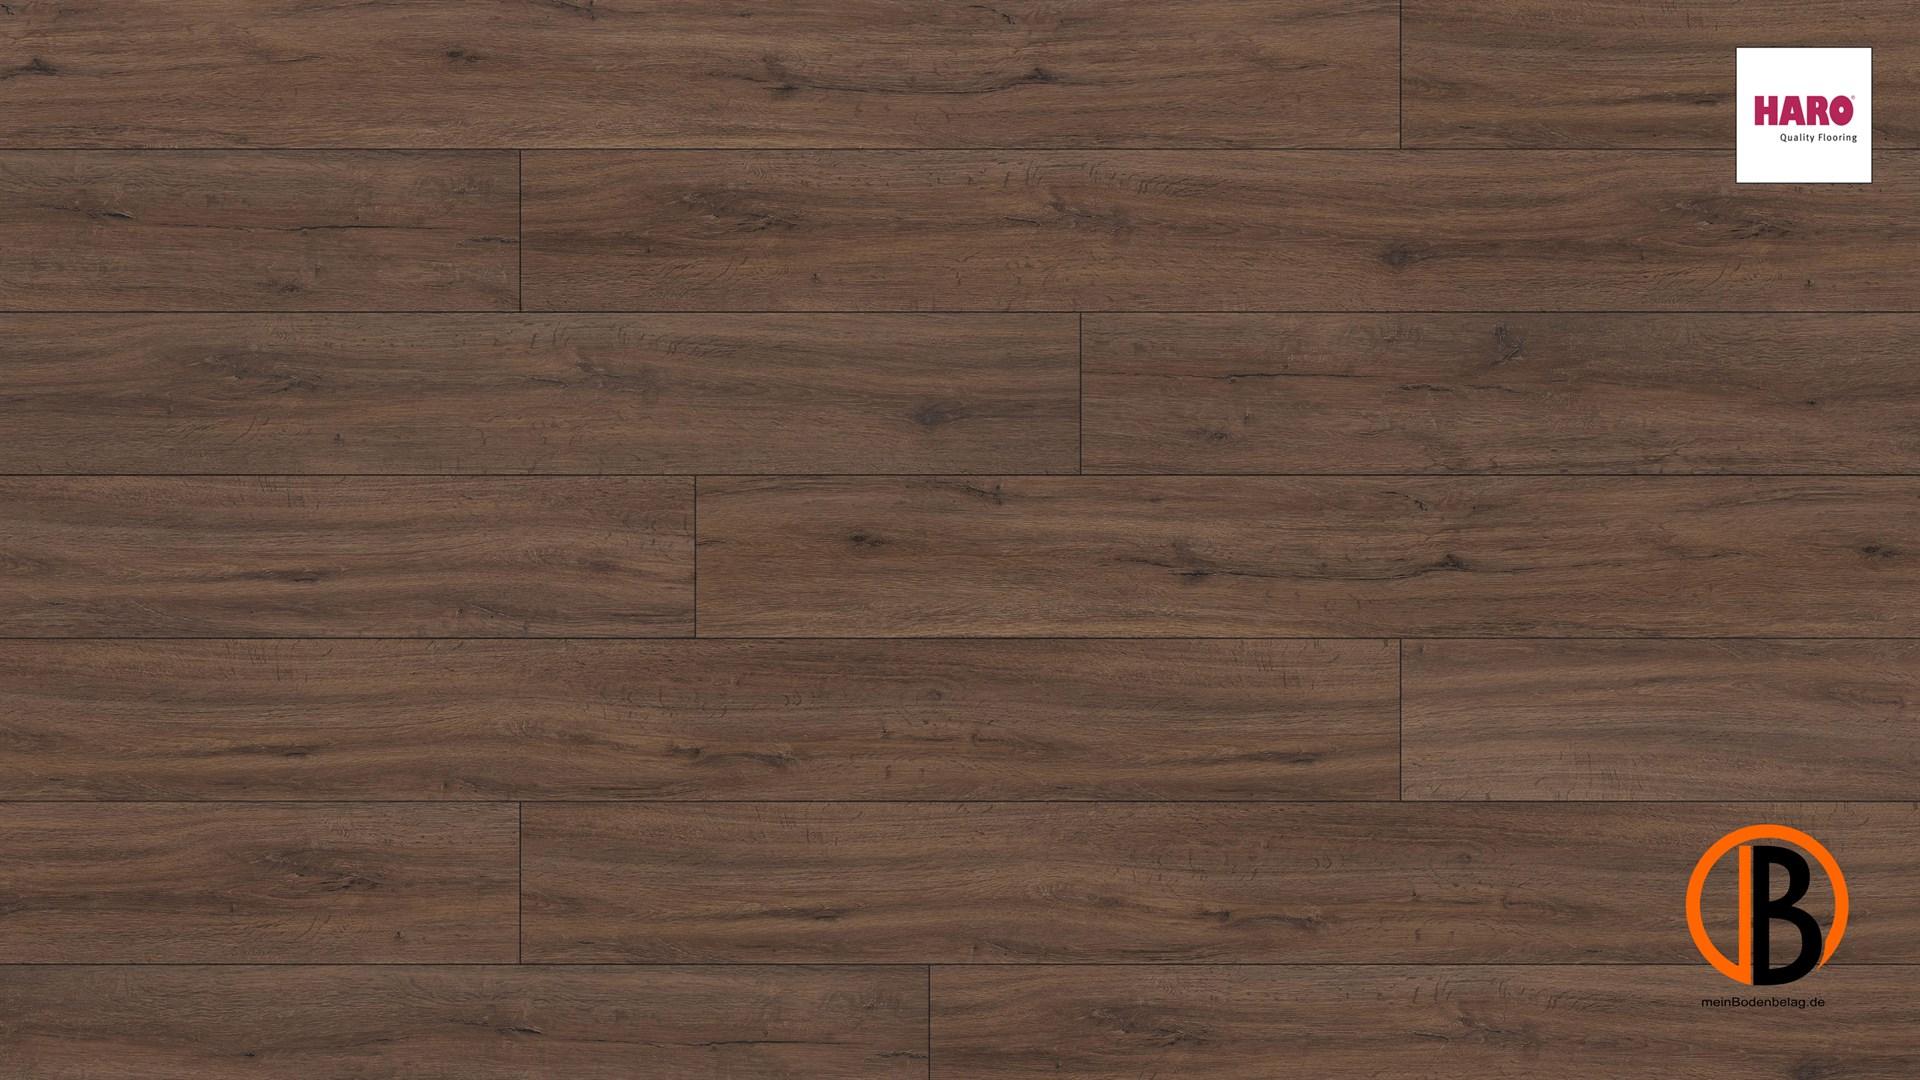 Fußbodenbelag Xl ~ Haro disano classic aqua tc la xl 4v franz.räuchereiche strukt.